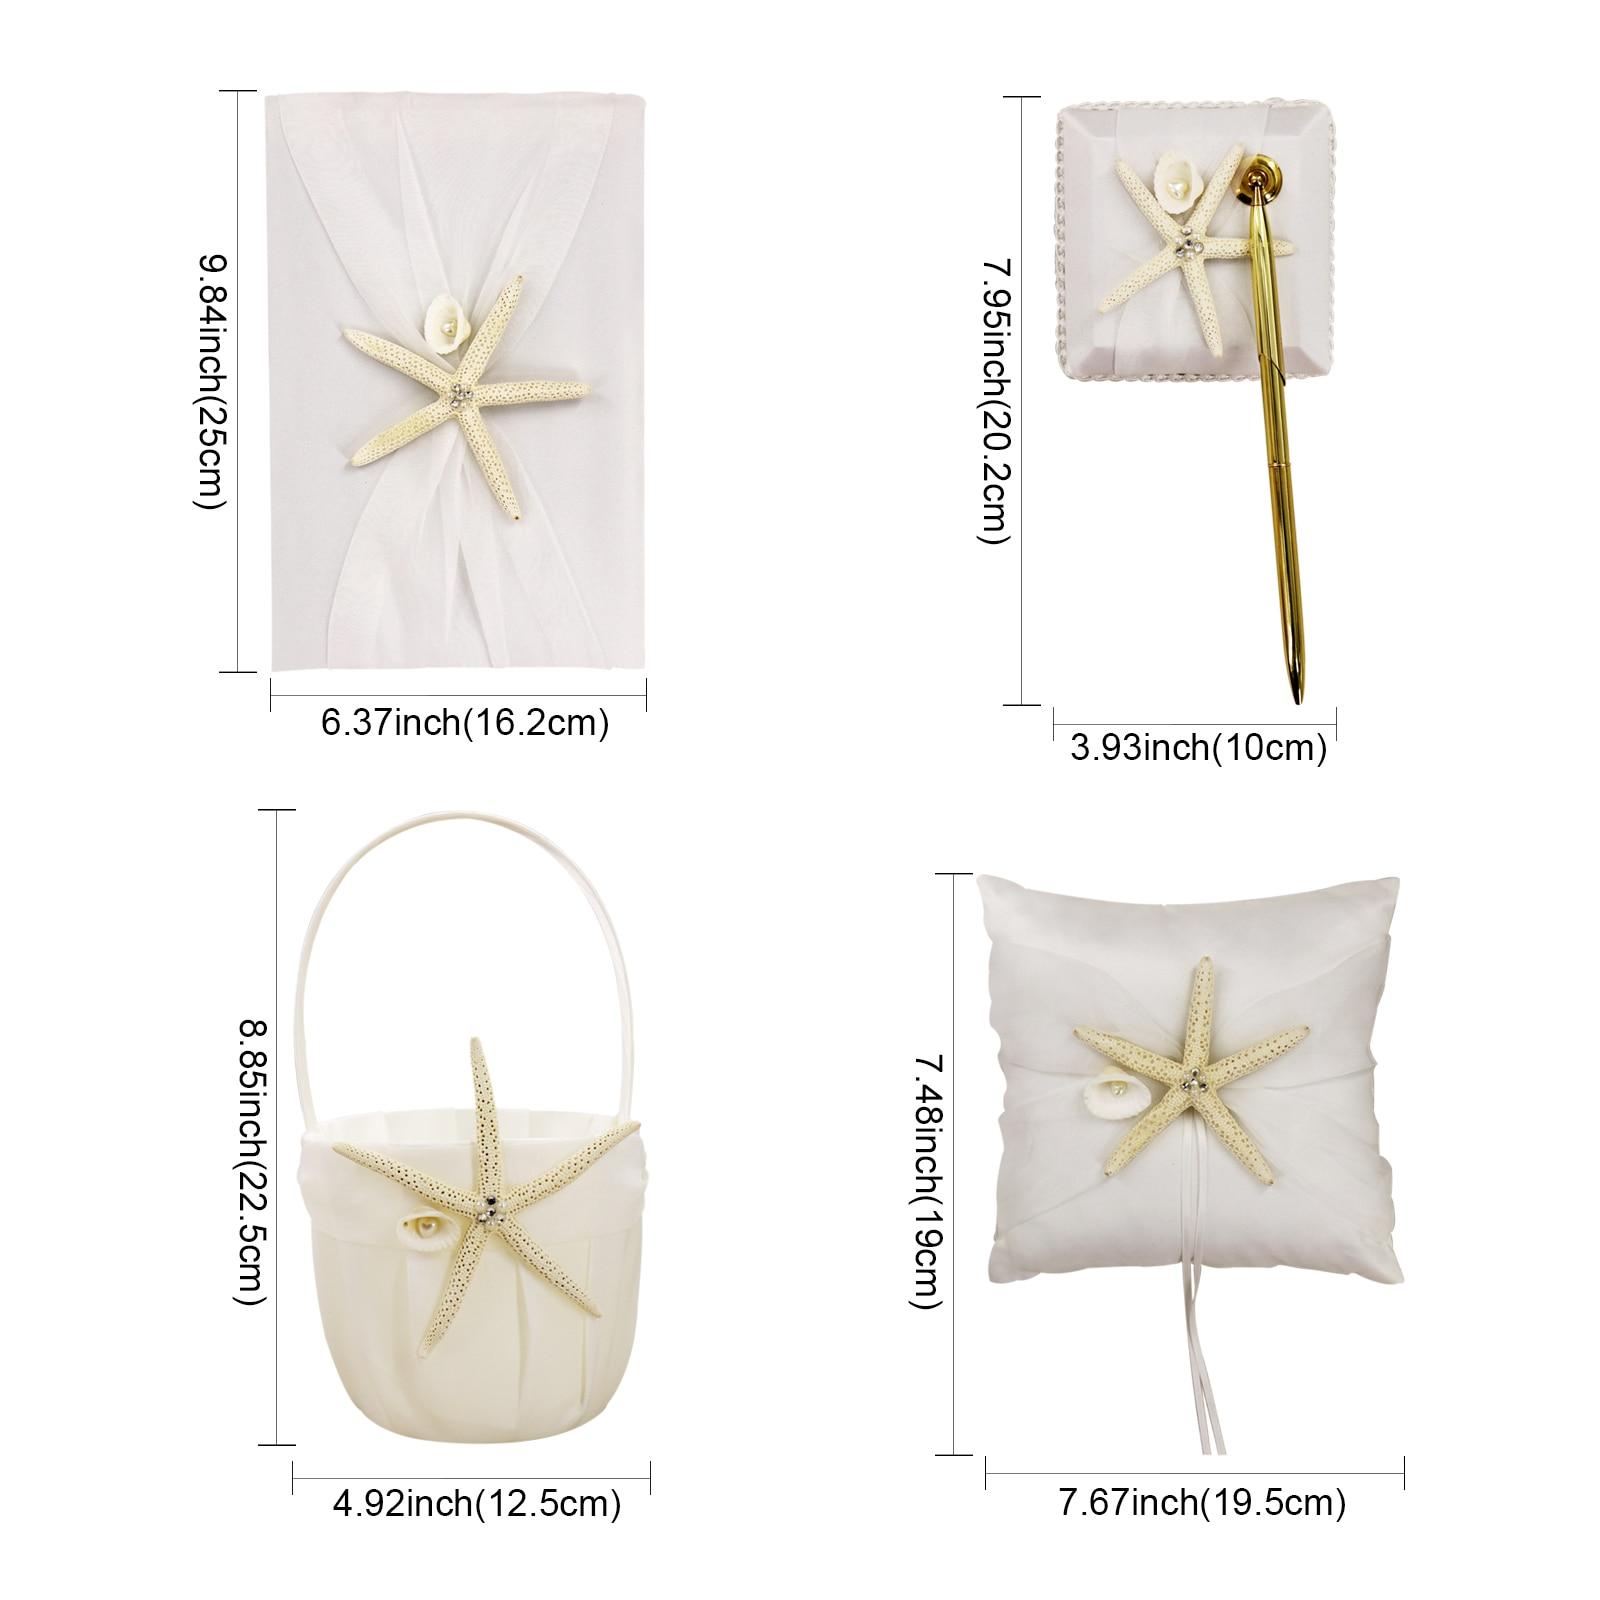 Nuptiale douche étoile de mer fleur panier blanc tache poire anneau oreiller de mariage fête décoration invité livre ensemble accessoires de mariée - 6